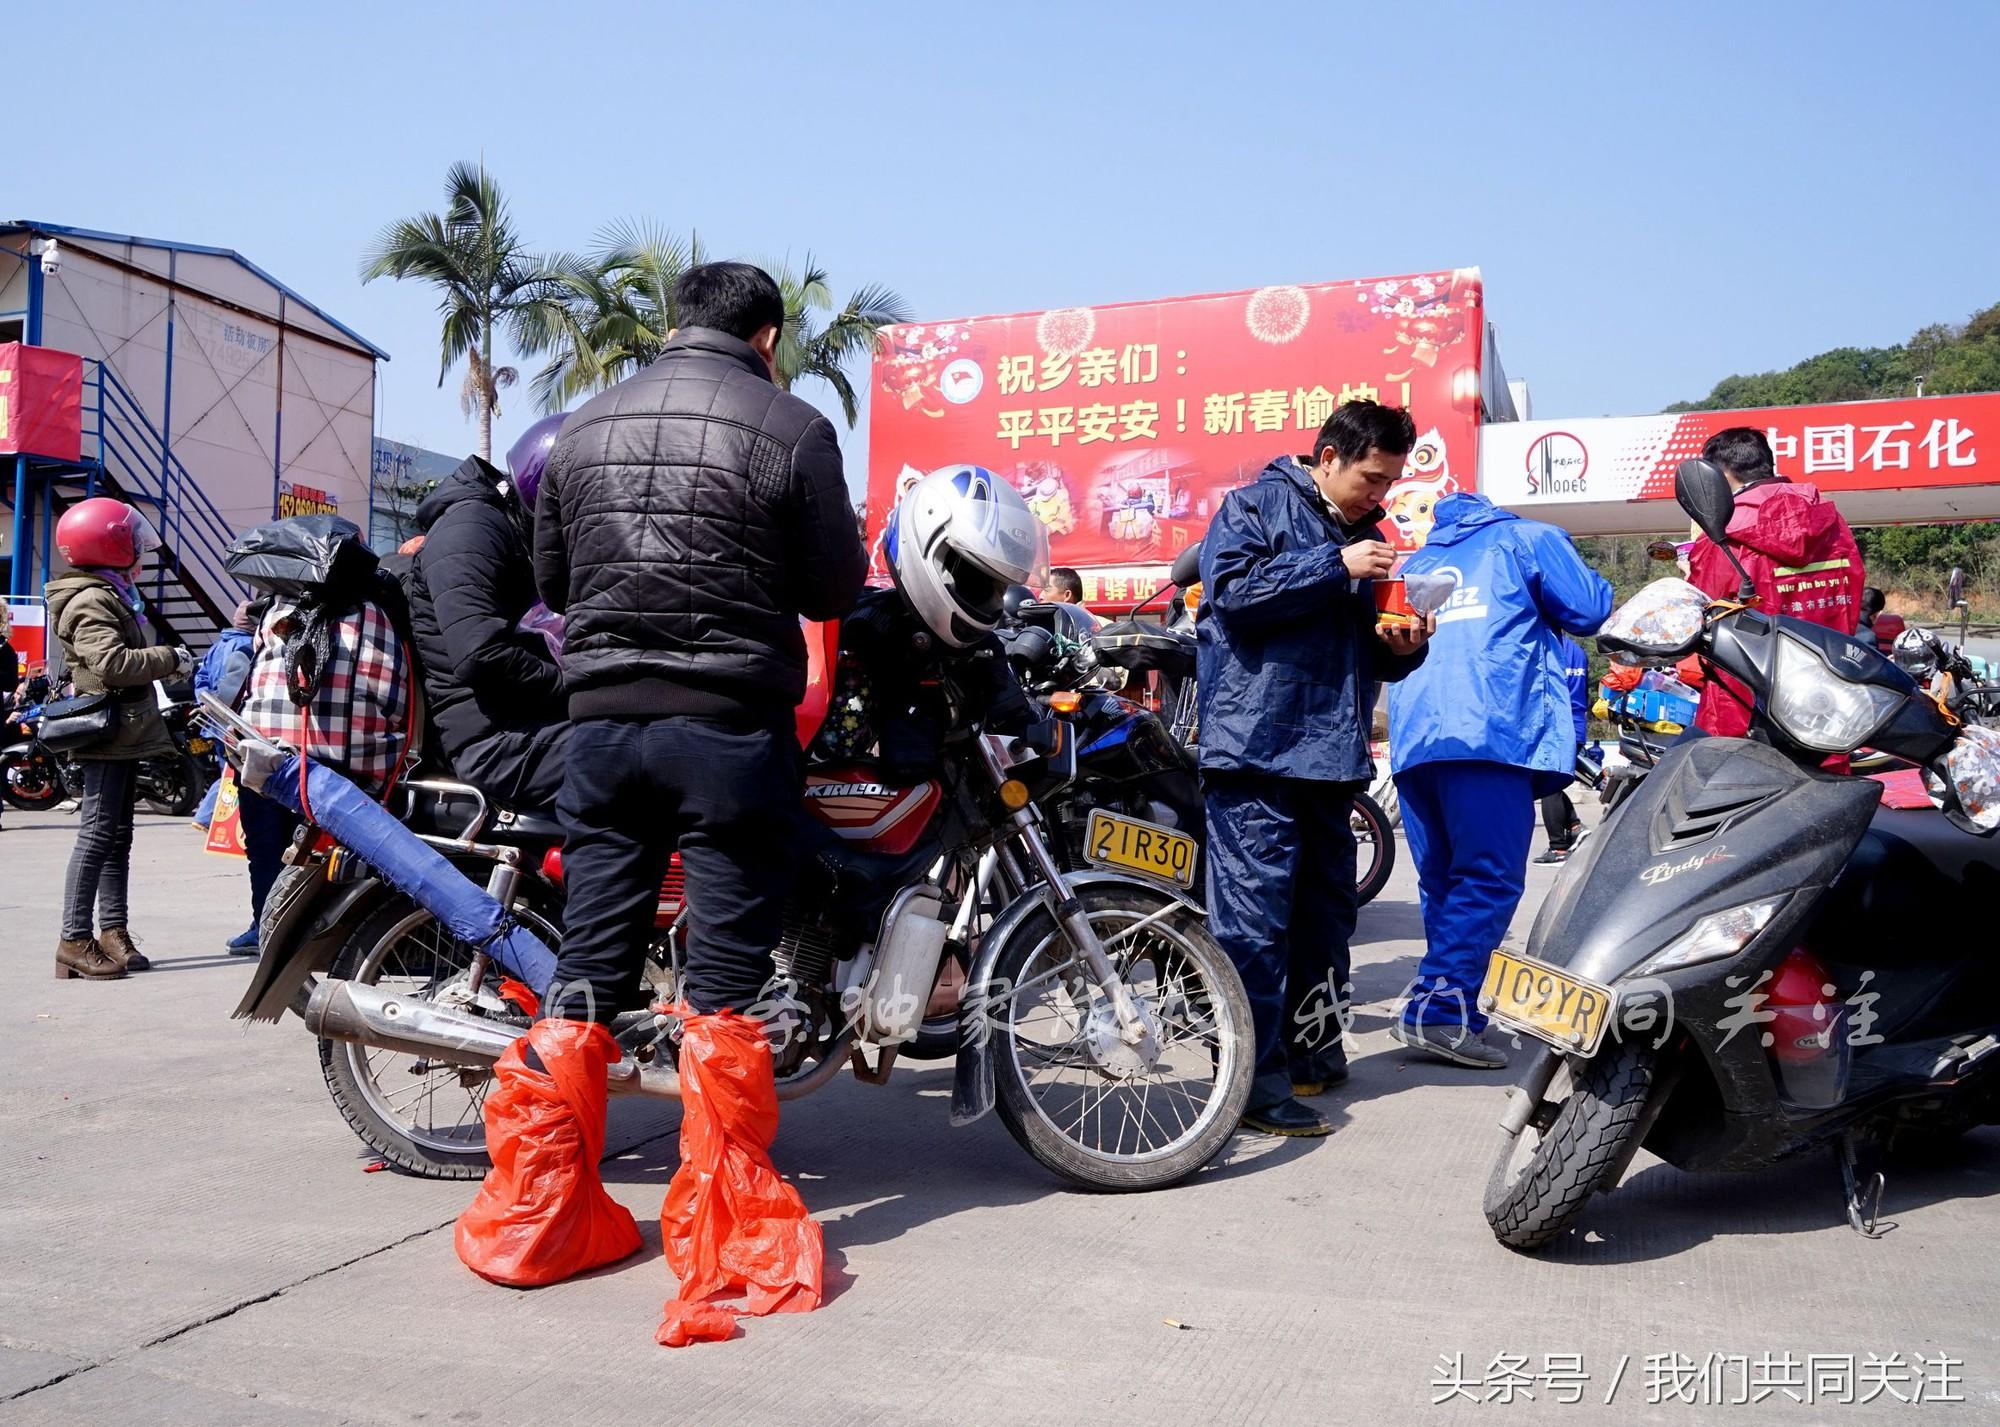 Ngán ngẩm cảnh đông đúc tại nhà xe bến tàu, hàng chục nghìn người Trung Quốc phượt trăm km về quê ăn Tết - Ảnh 8.